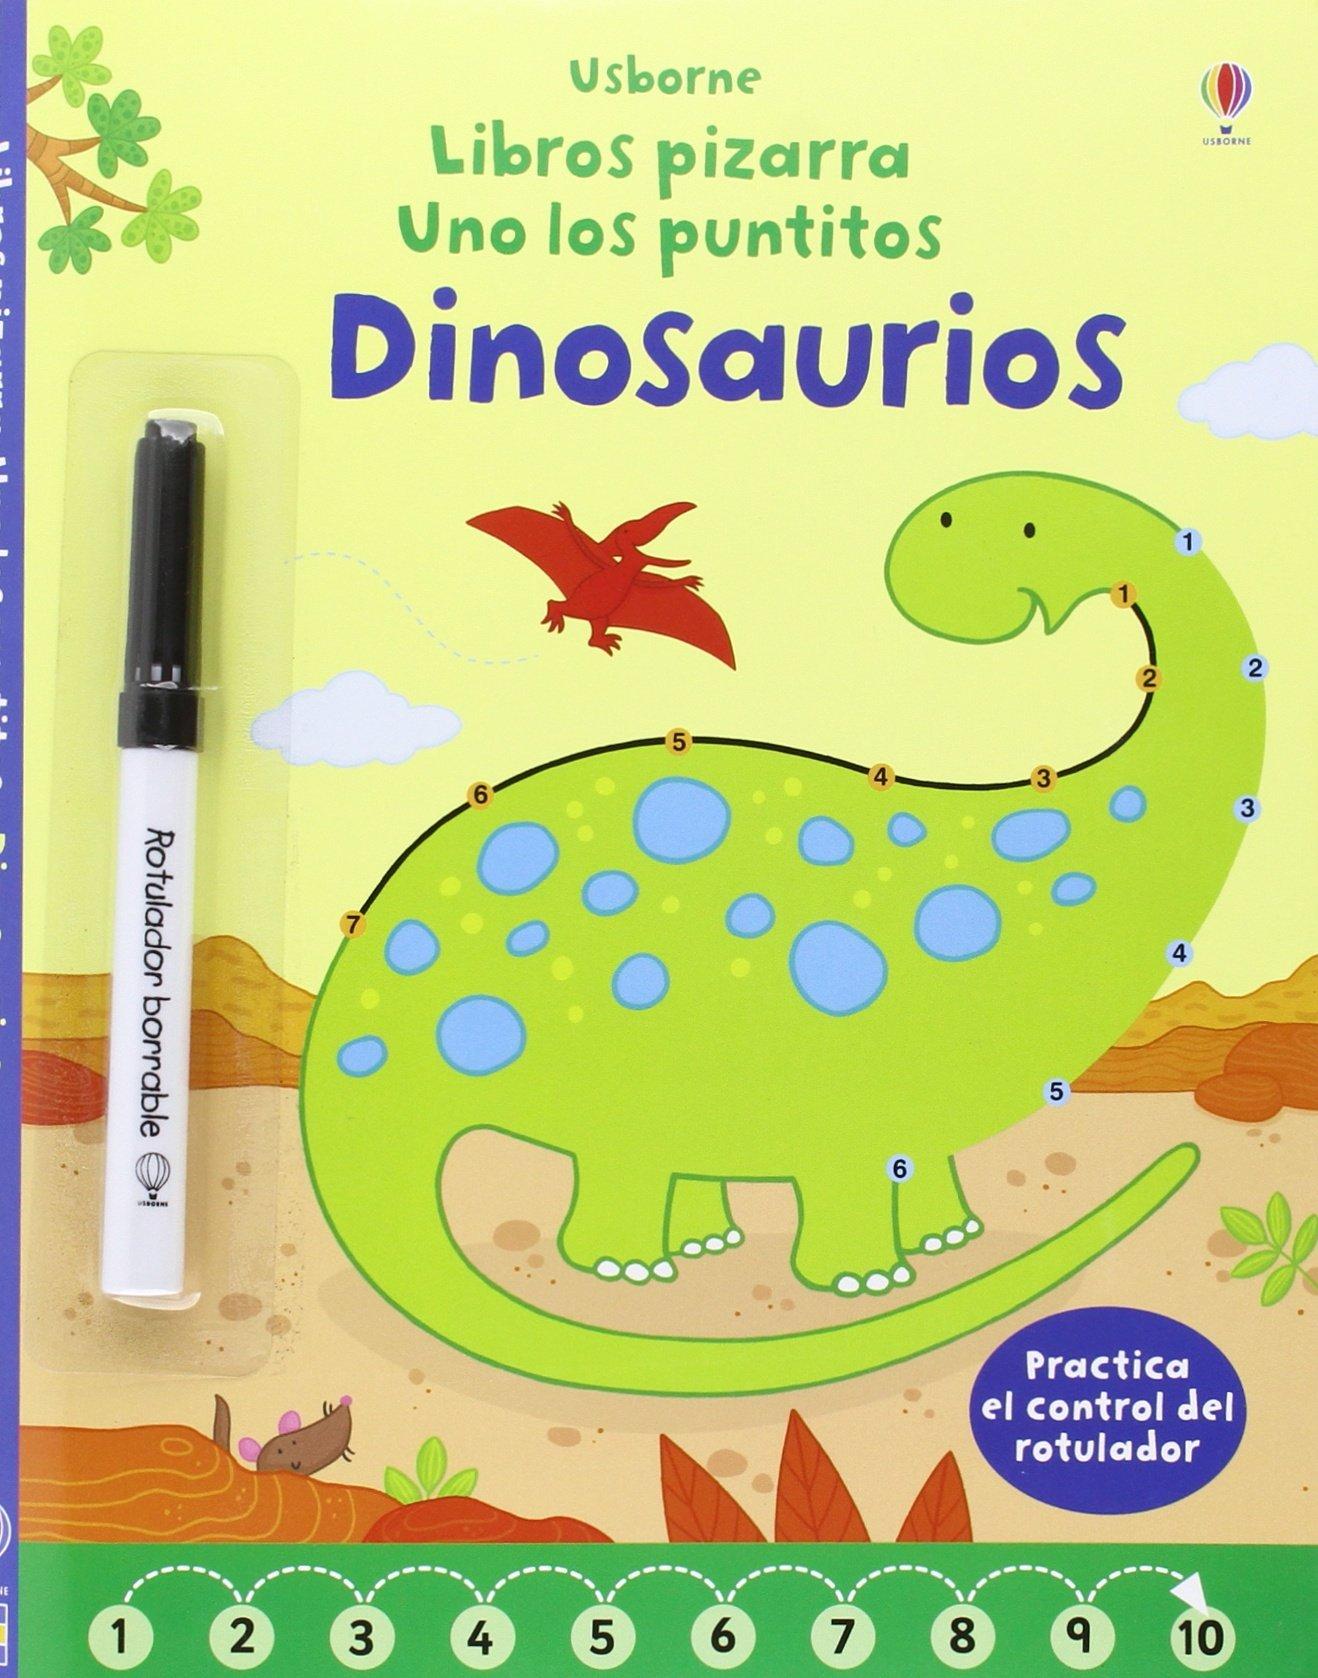 DINOSAURIOS LIBRO PIZARRA: KATRINA FEARN: 9781474908948 ...